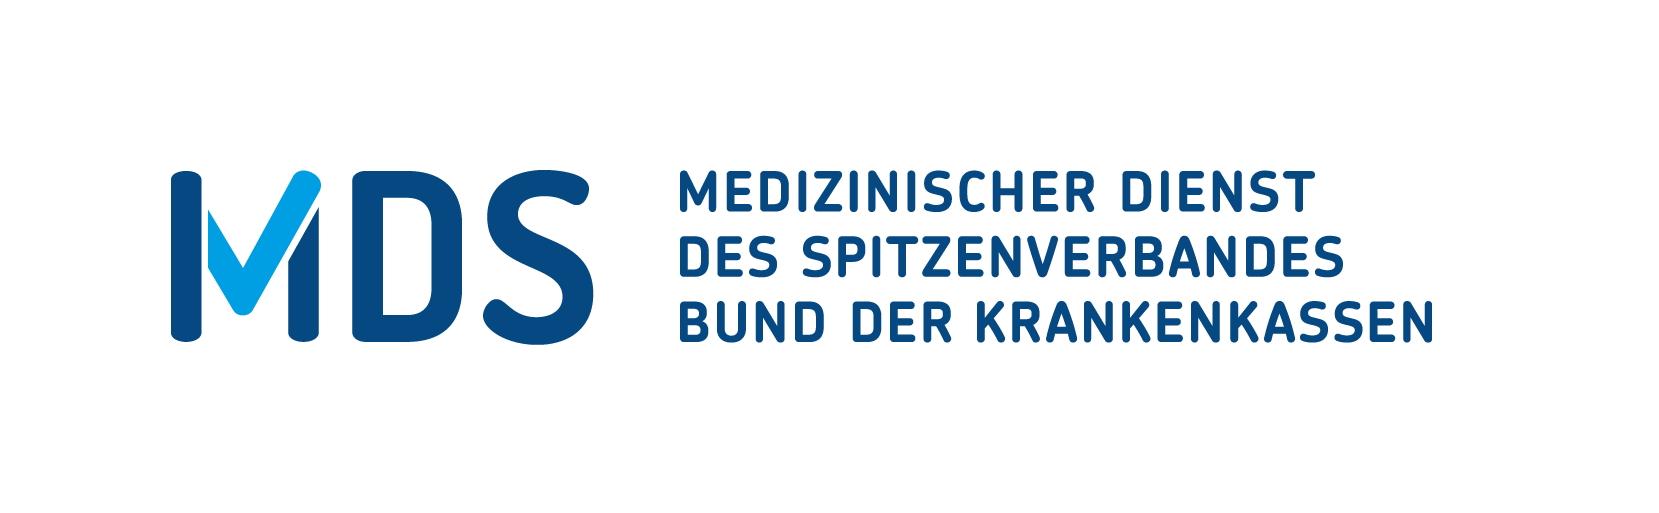 Deutsche-Politik-News.de | Medizinischer Dienst des GKV-Spitzenverbandes (MDS)